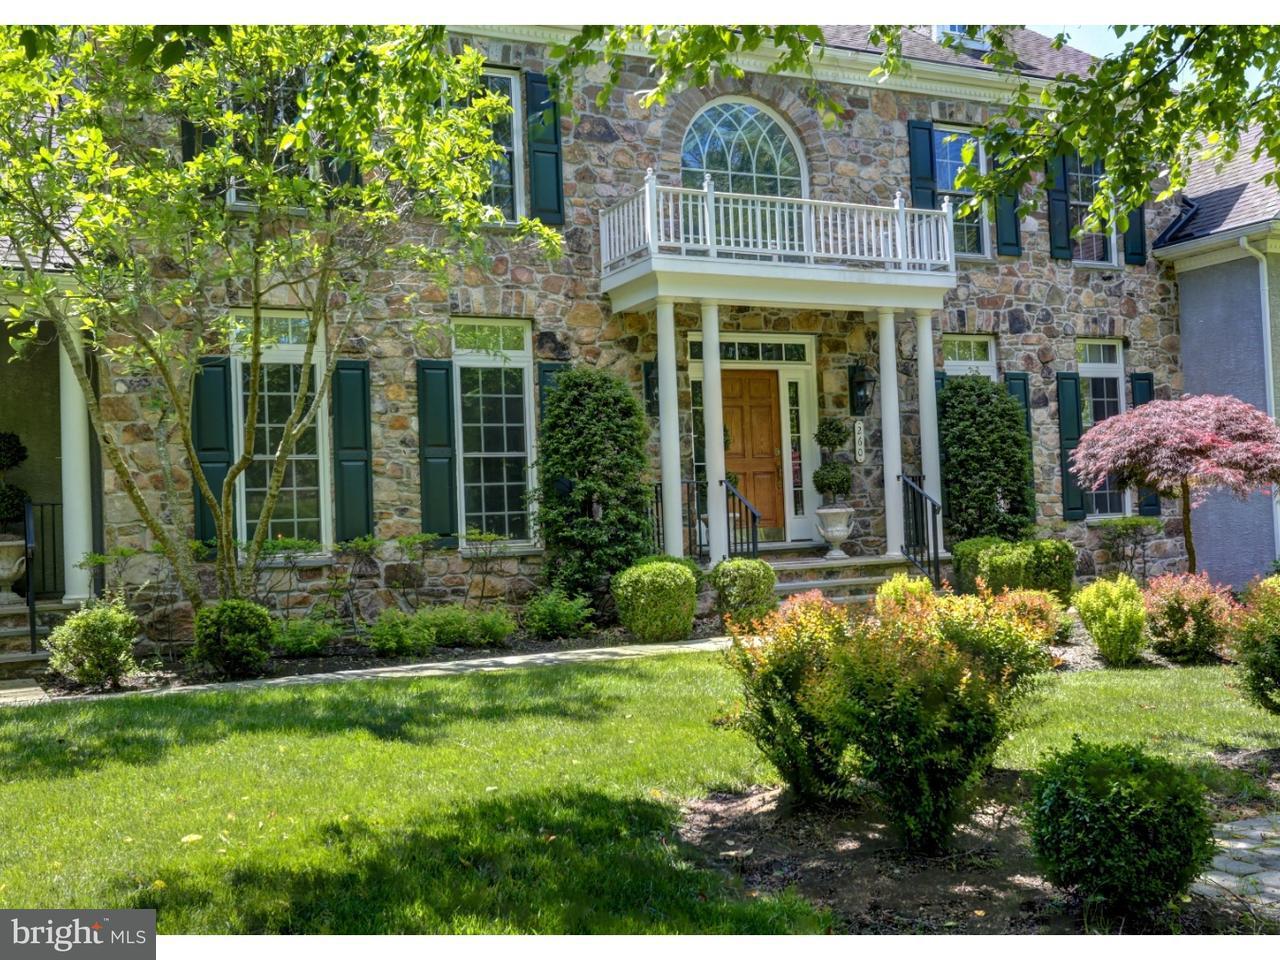 Maison unifamiliale pour l Vente à 260 VALLEY PARK Phoenixville, Pennsylvanie 19460 États-Unis